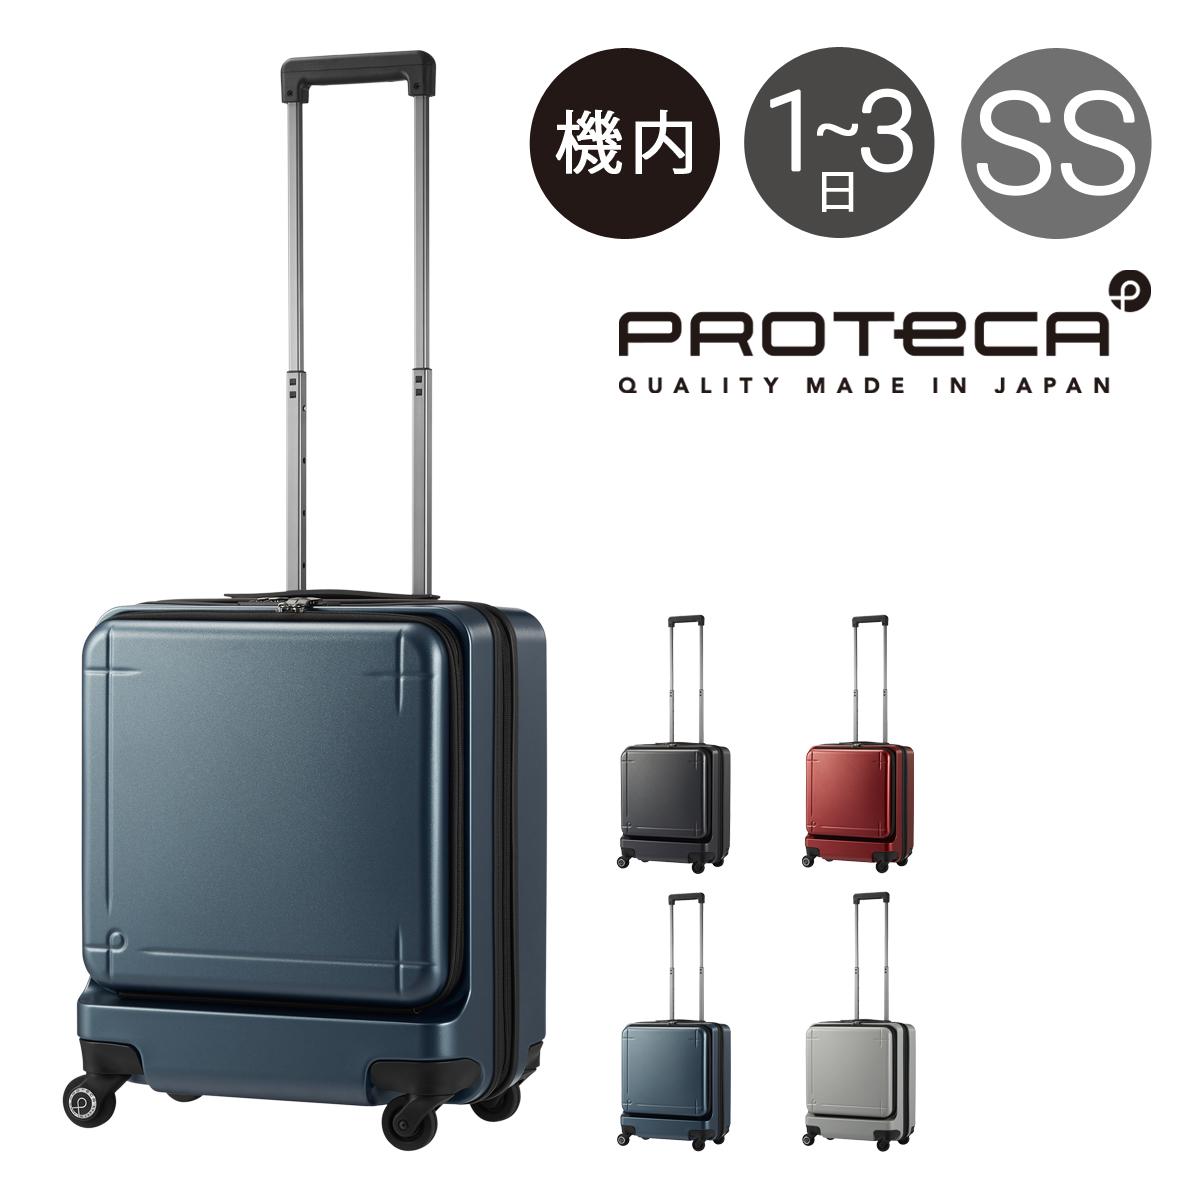 プロテカ スーツケース 機内持ち込み 40L 45cm 3.6kg マックスパス3 02961 日本製 PROTECA ハード ファスナー キャリーバッグ キャリーケース 軽量 ストッパー付き 静音 TSAロック搭載 3年保証[PO10][bef]